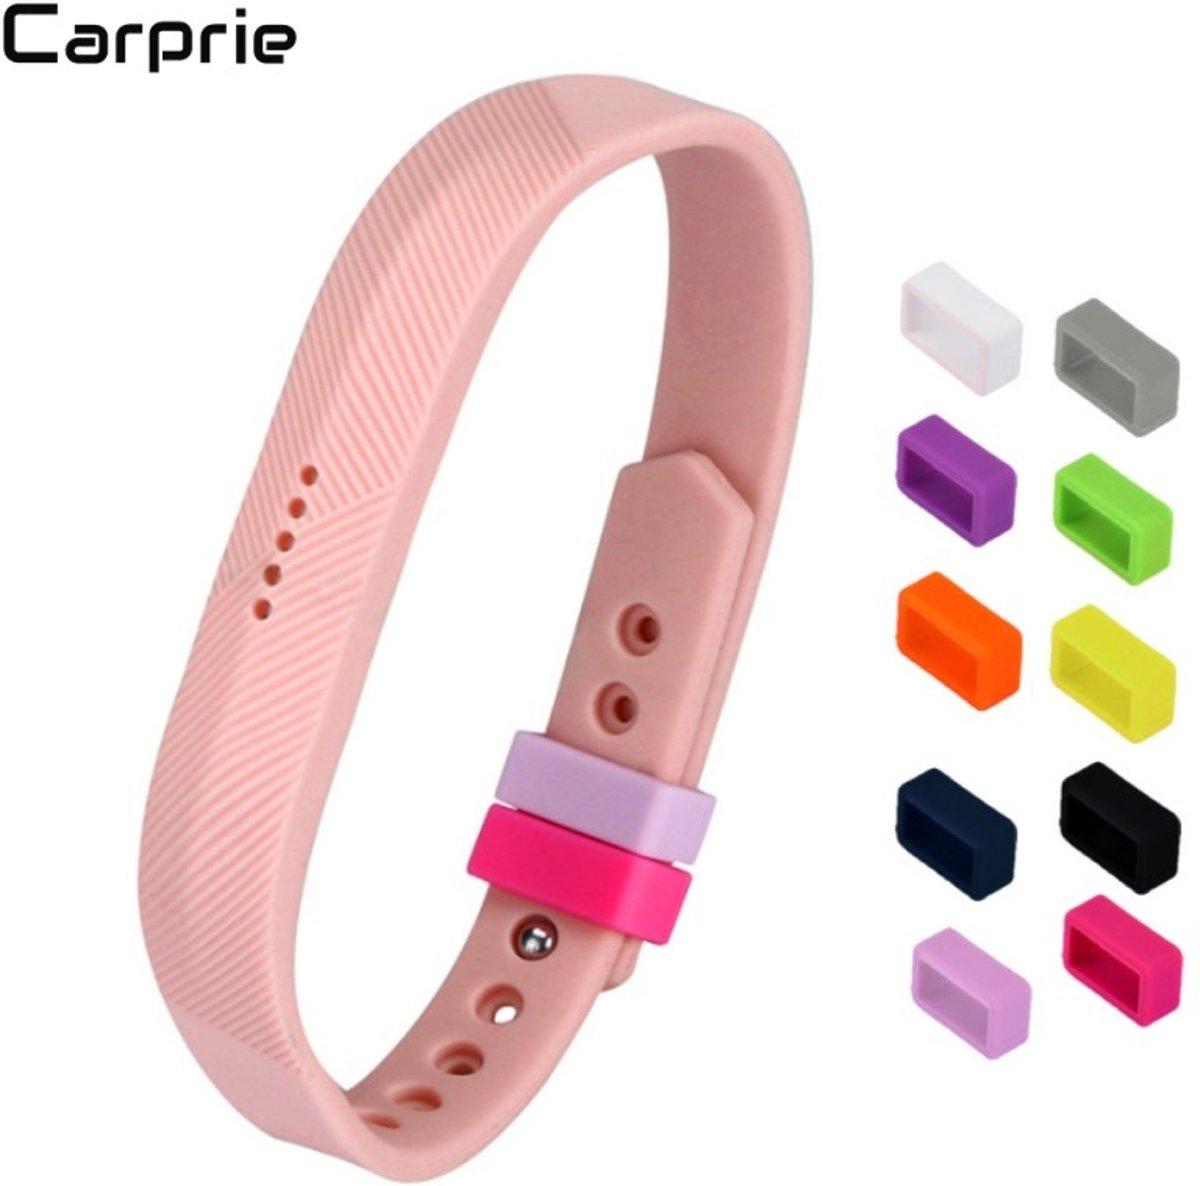 10 Stuks Fitbit Flex 2 armband Beveiliging Clasps kopen